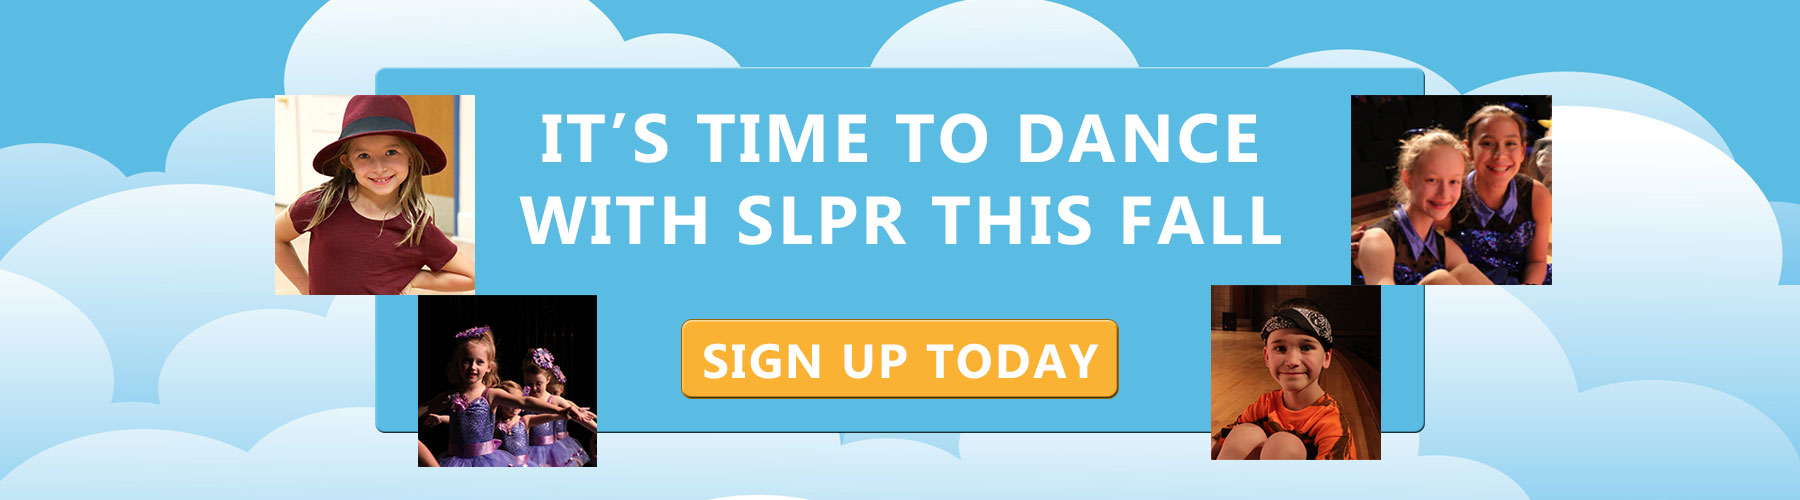 SLPR Dance